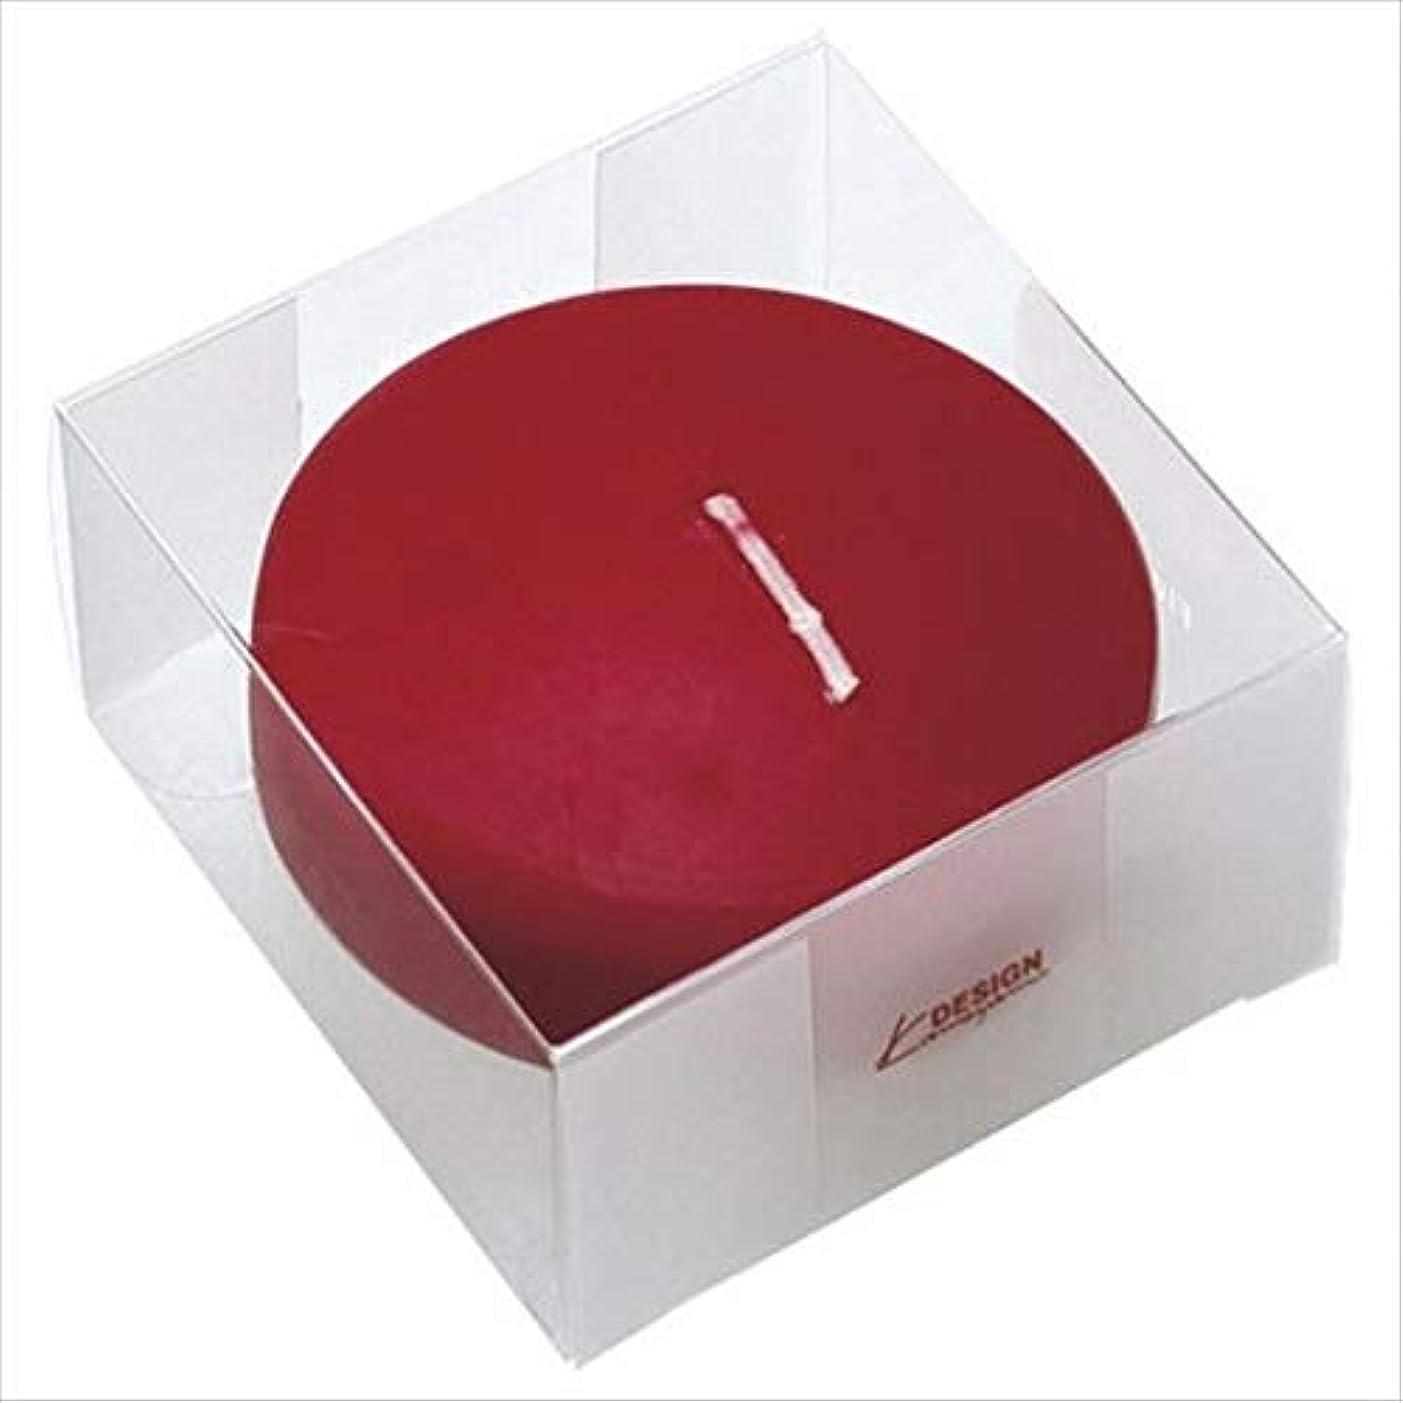 辛いリサイクルする仮称カメヤマキャンドル(kameyama candle) プール80 (箱入り) 「 ワインレッド 」 キャンドル 6個セット